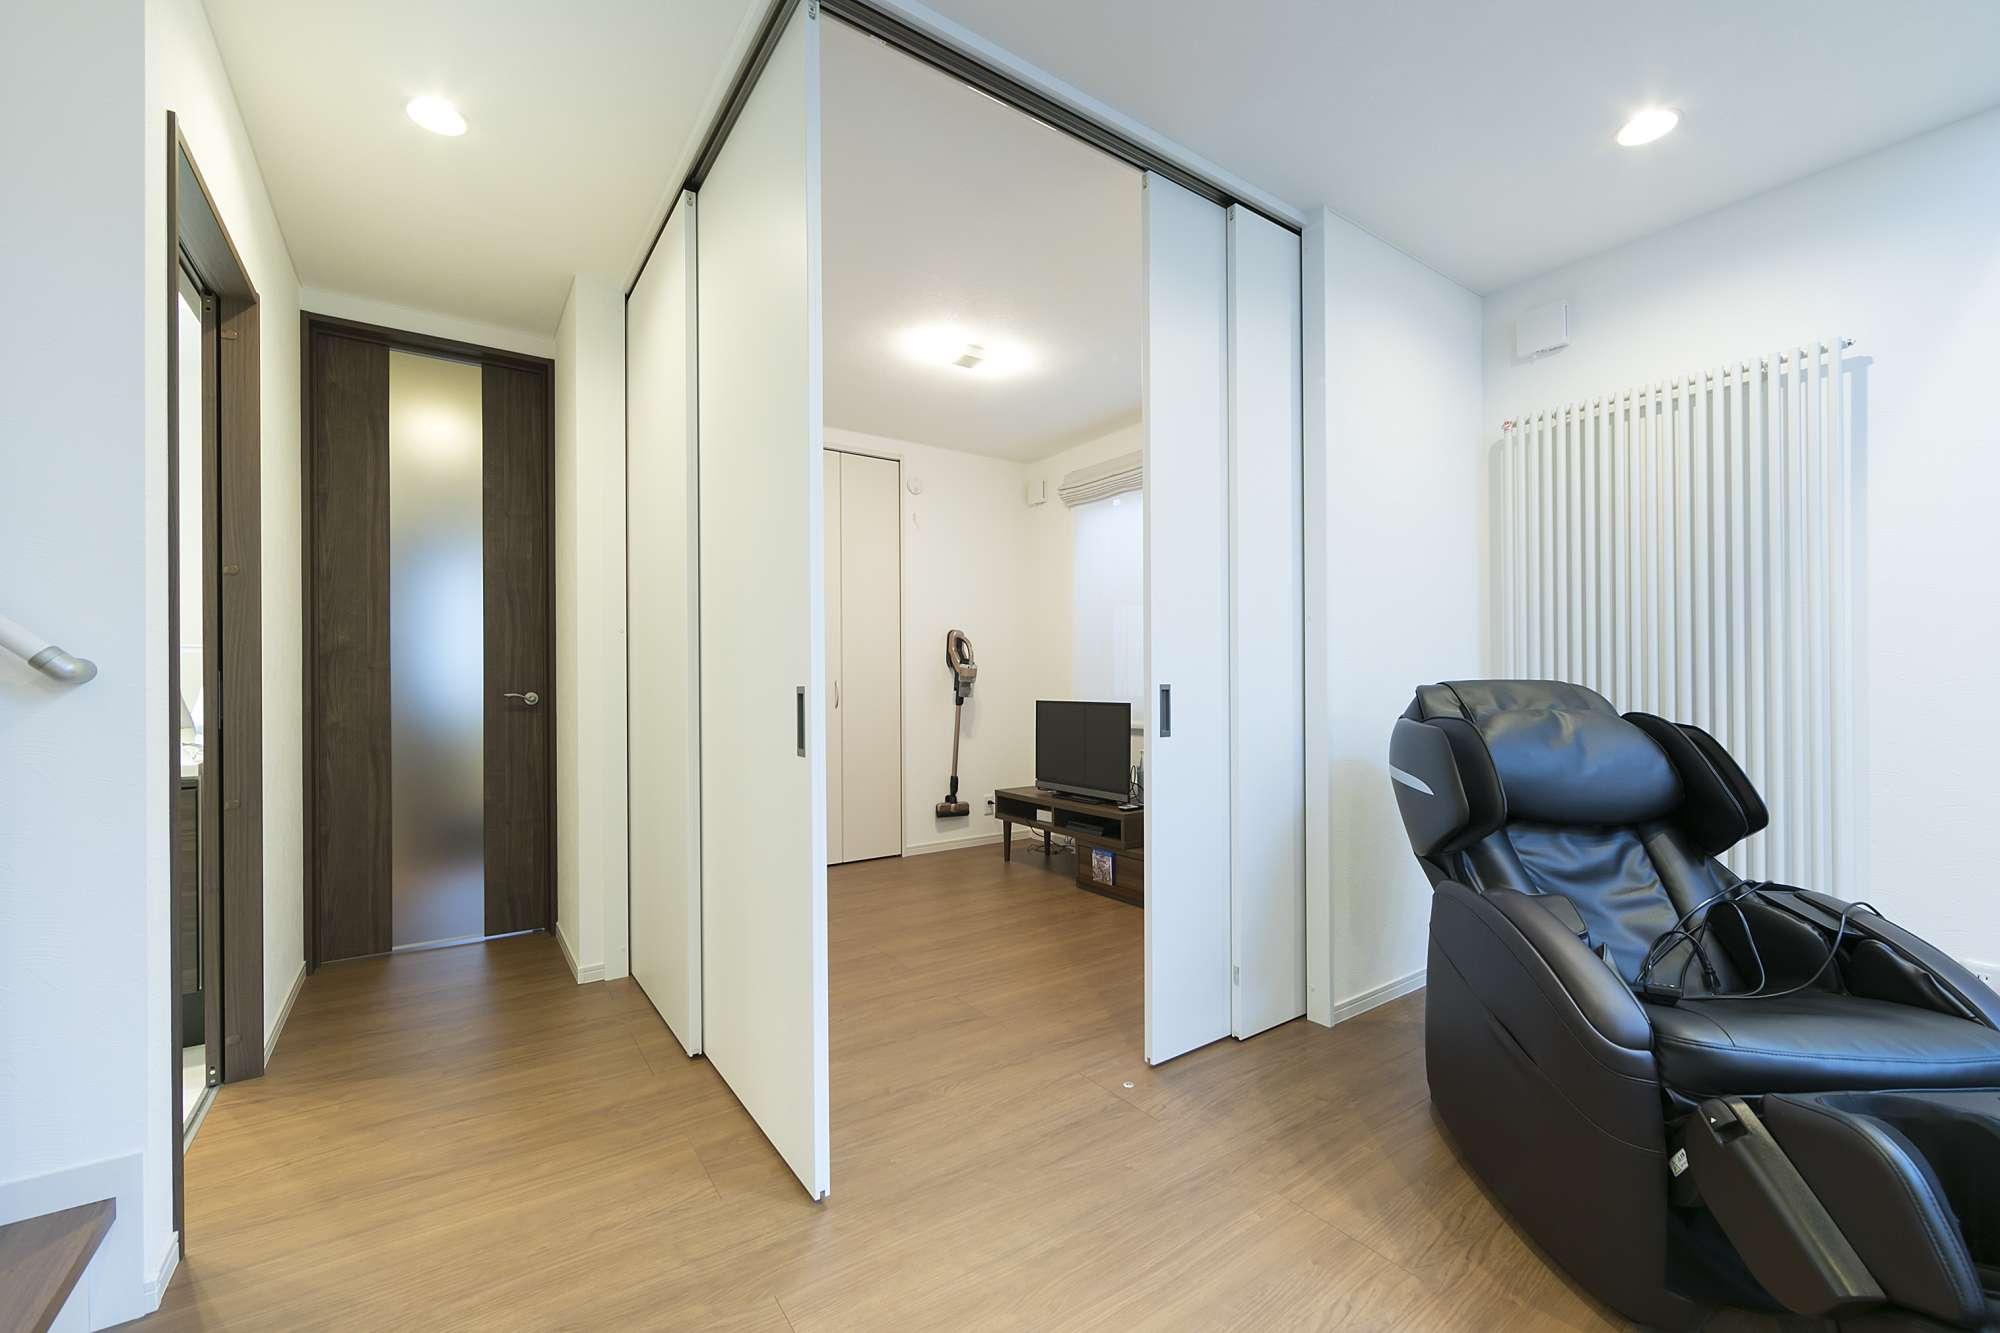 2方向に開放できるセカンドリビング - ドアを閉じれば個室に、オープンにすればリビングフロアを拡大できるセカンドリビング -  -